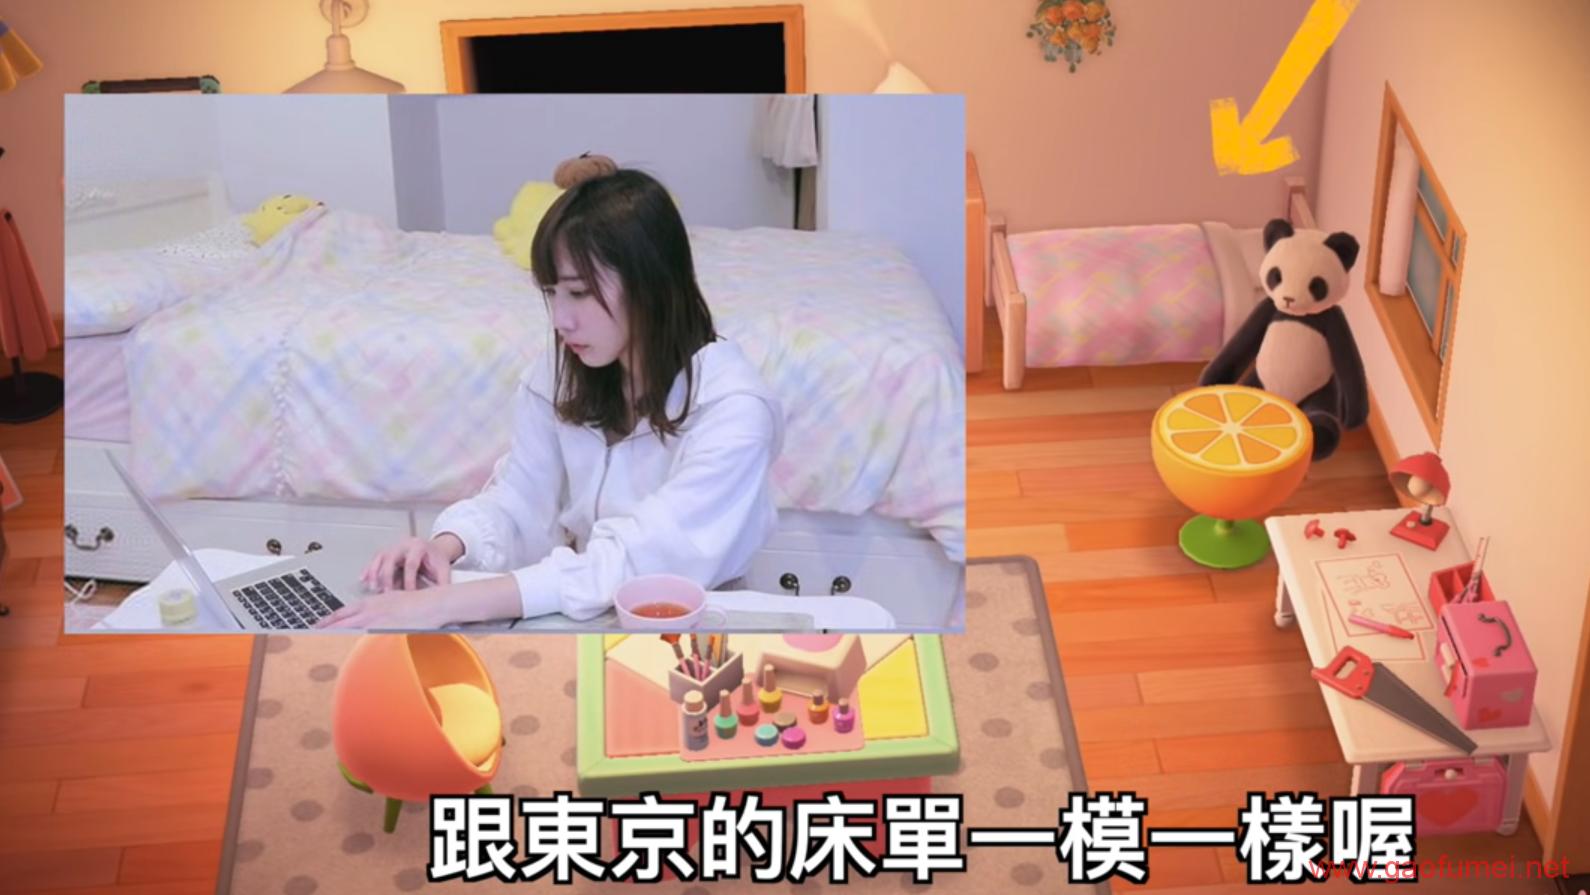 任天堂3月20日上线的动物森友会(动森),好玩在哪里呢?看美女玩家给我们的展示: